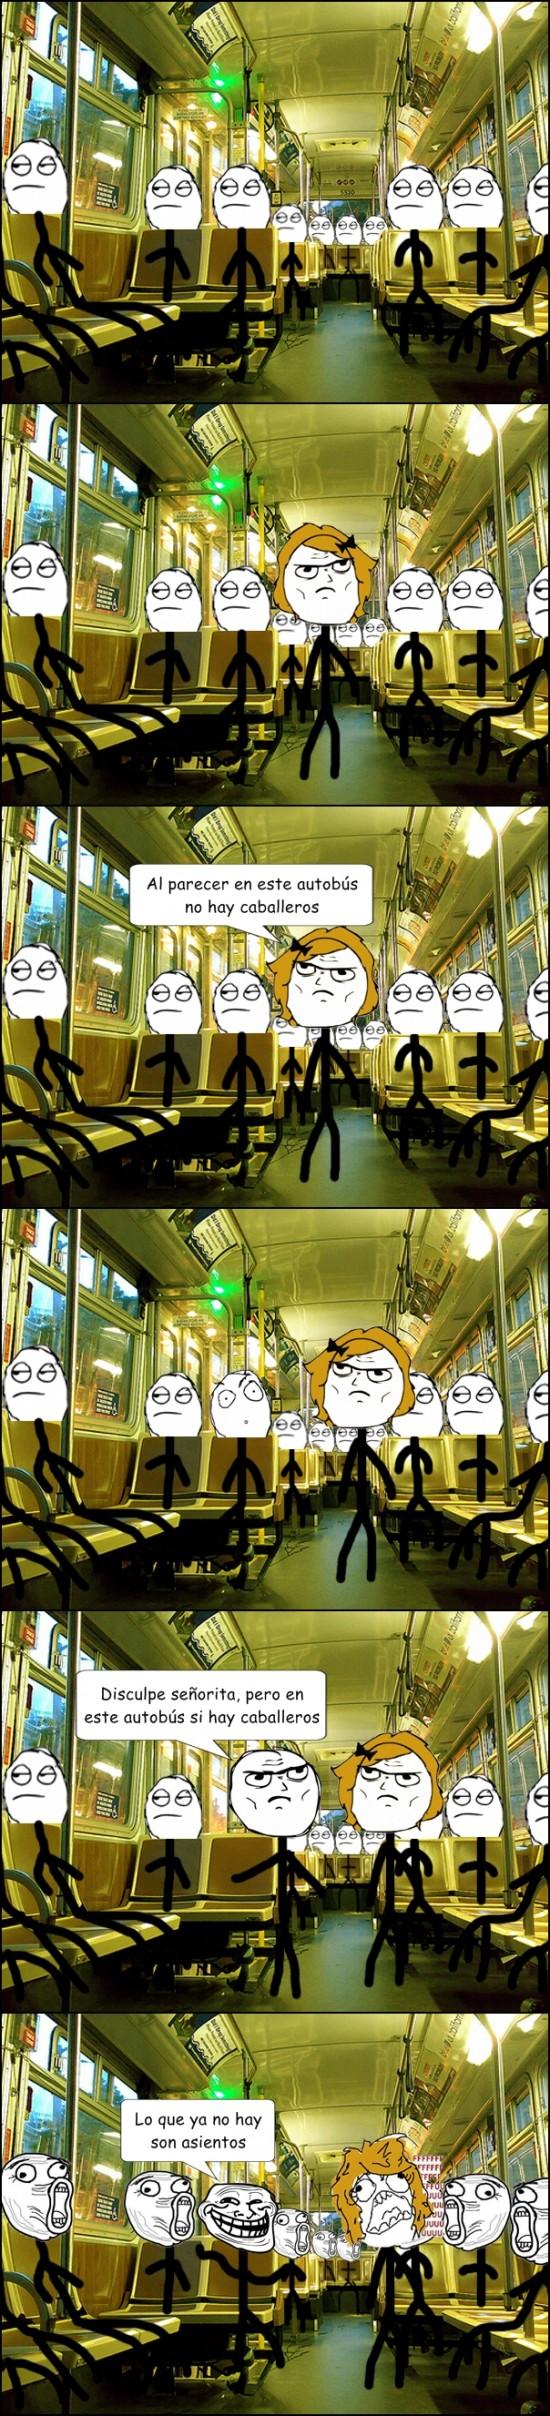 Trollface - Troll en el autobús